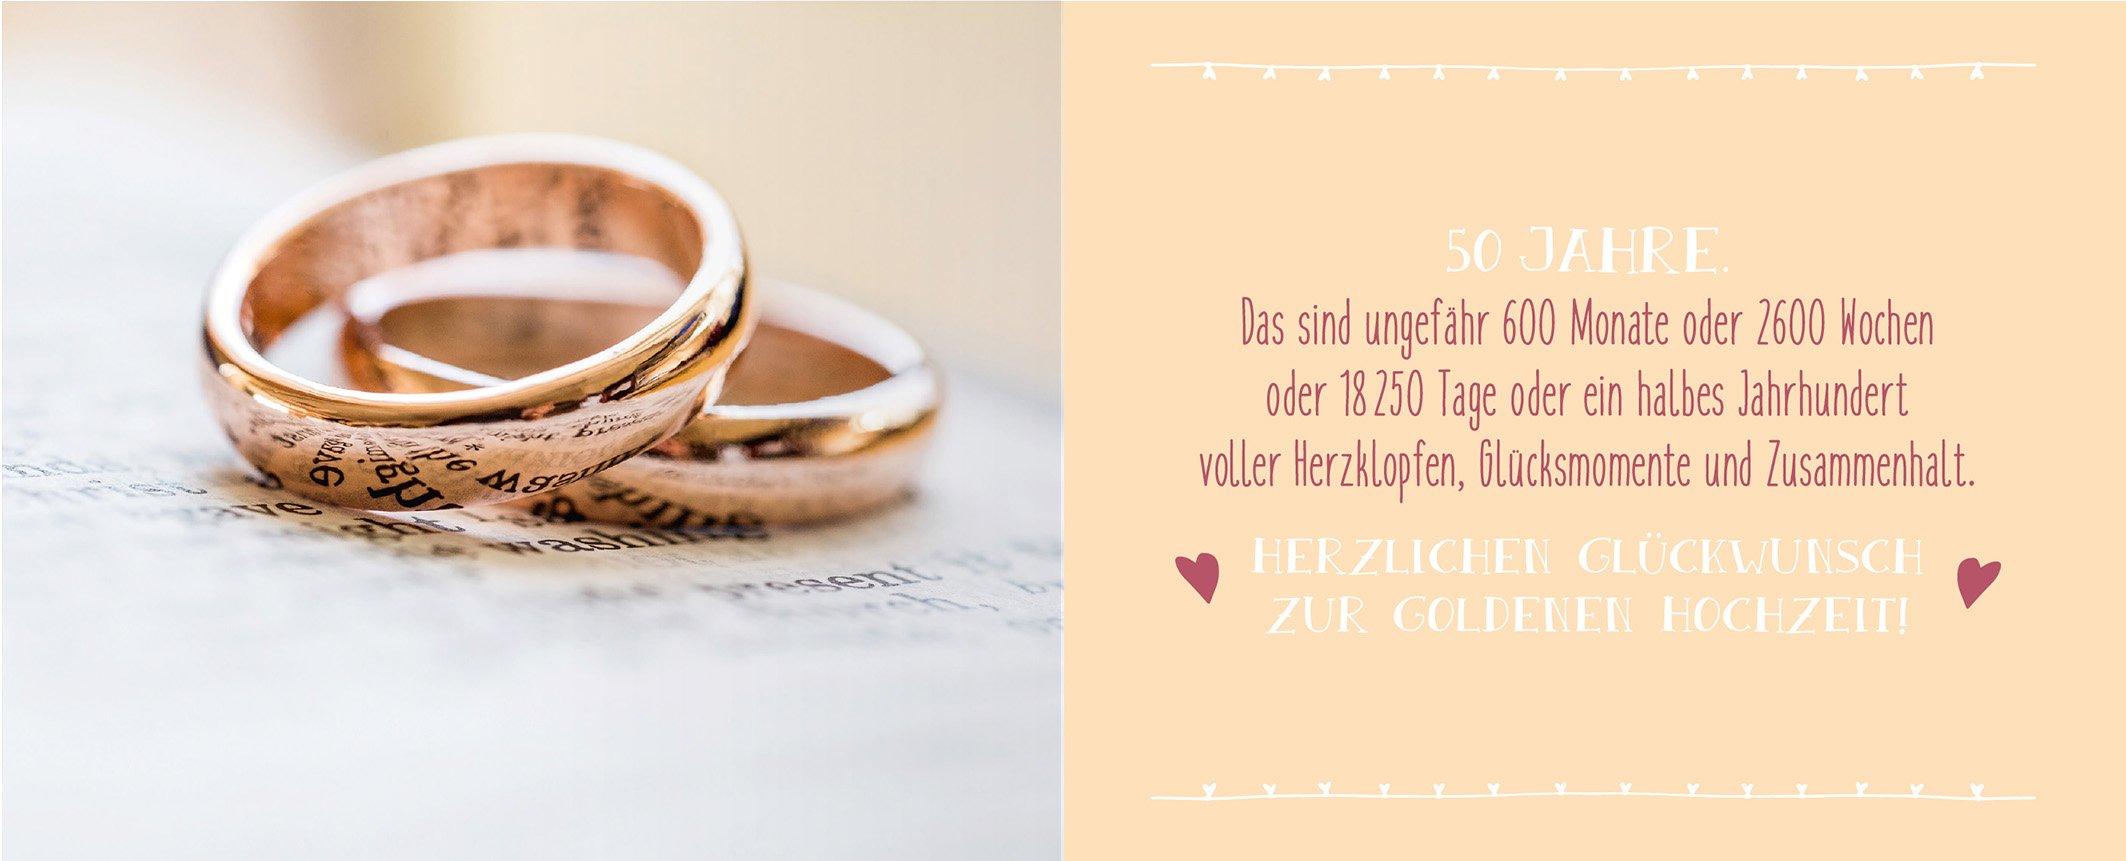 Gluckwunschkarte 50 Jahre Verheiratet Zur Goldhochzeit Kaufen